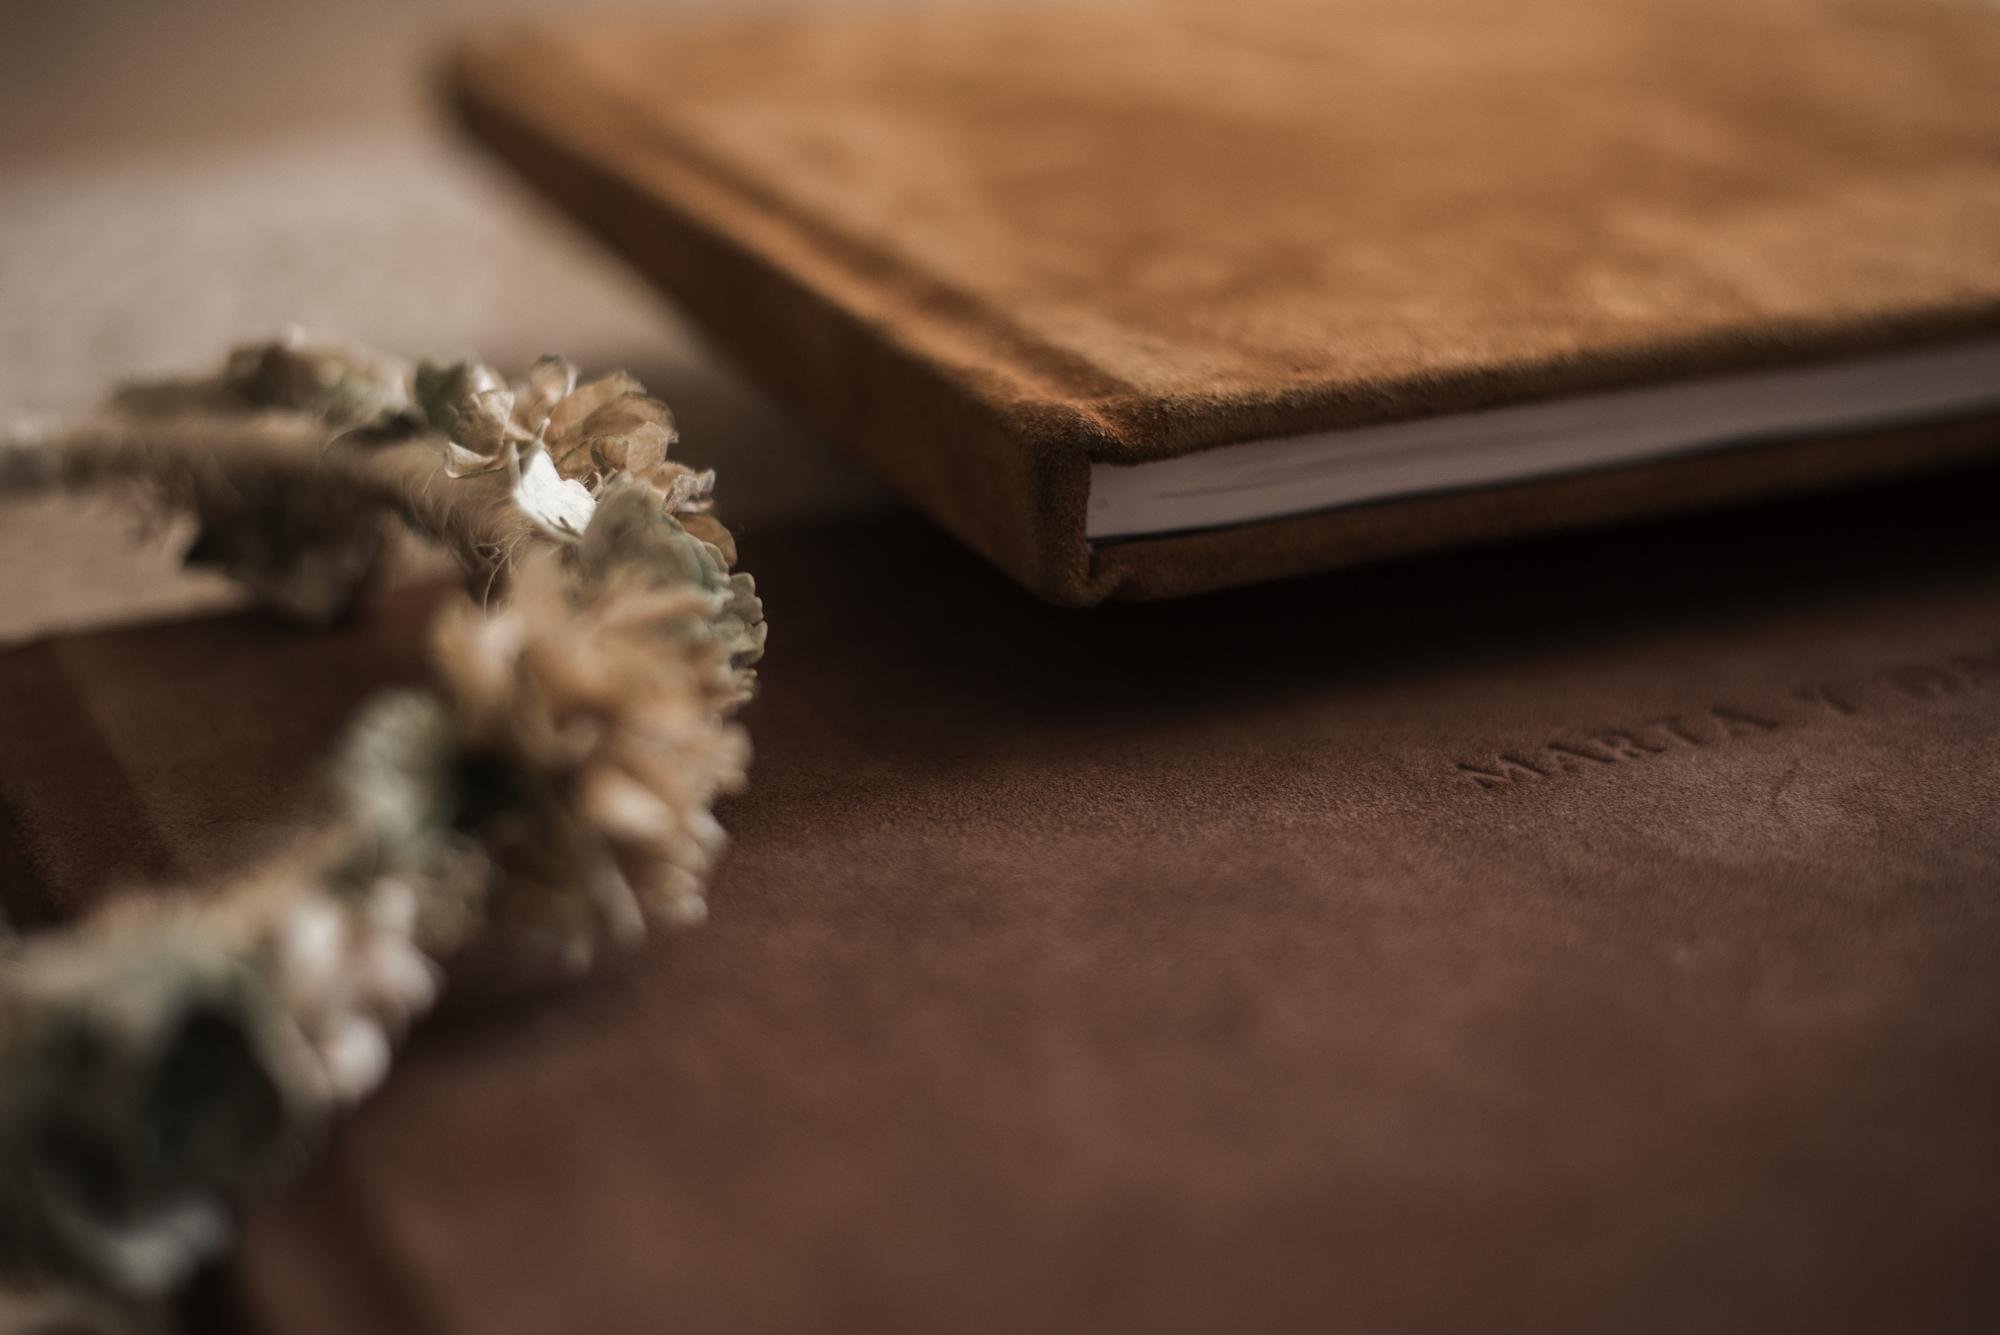 Libros portada piel de serraje color mostaza y chocolate